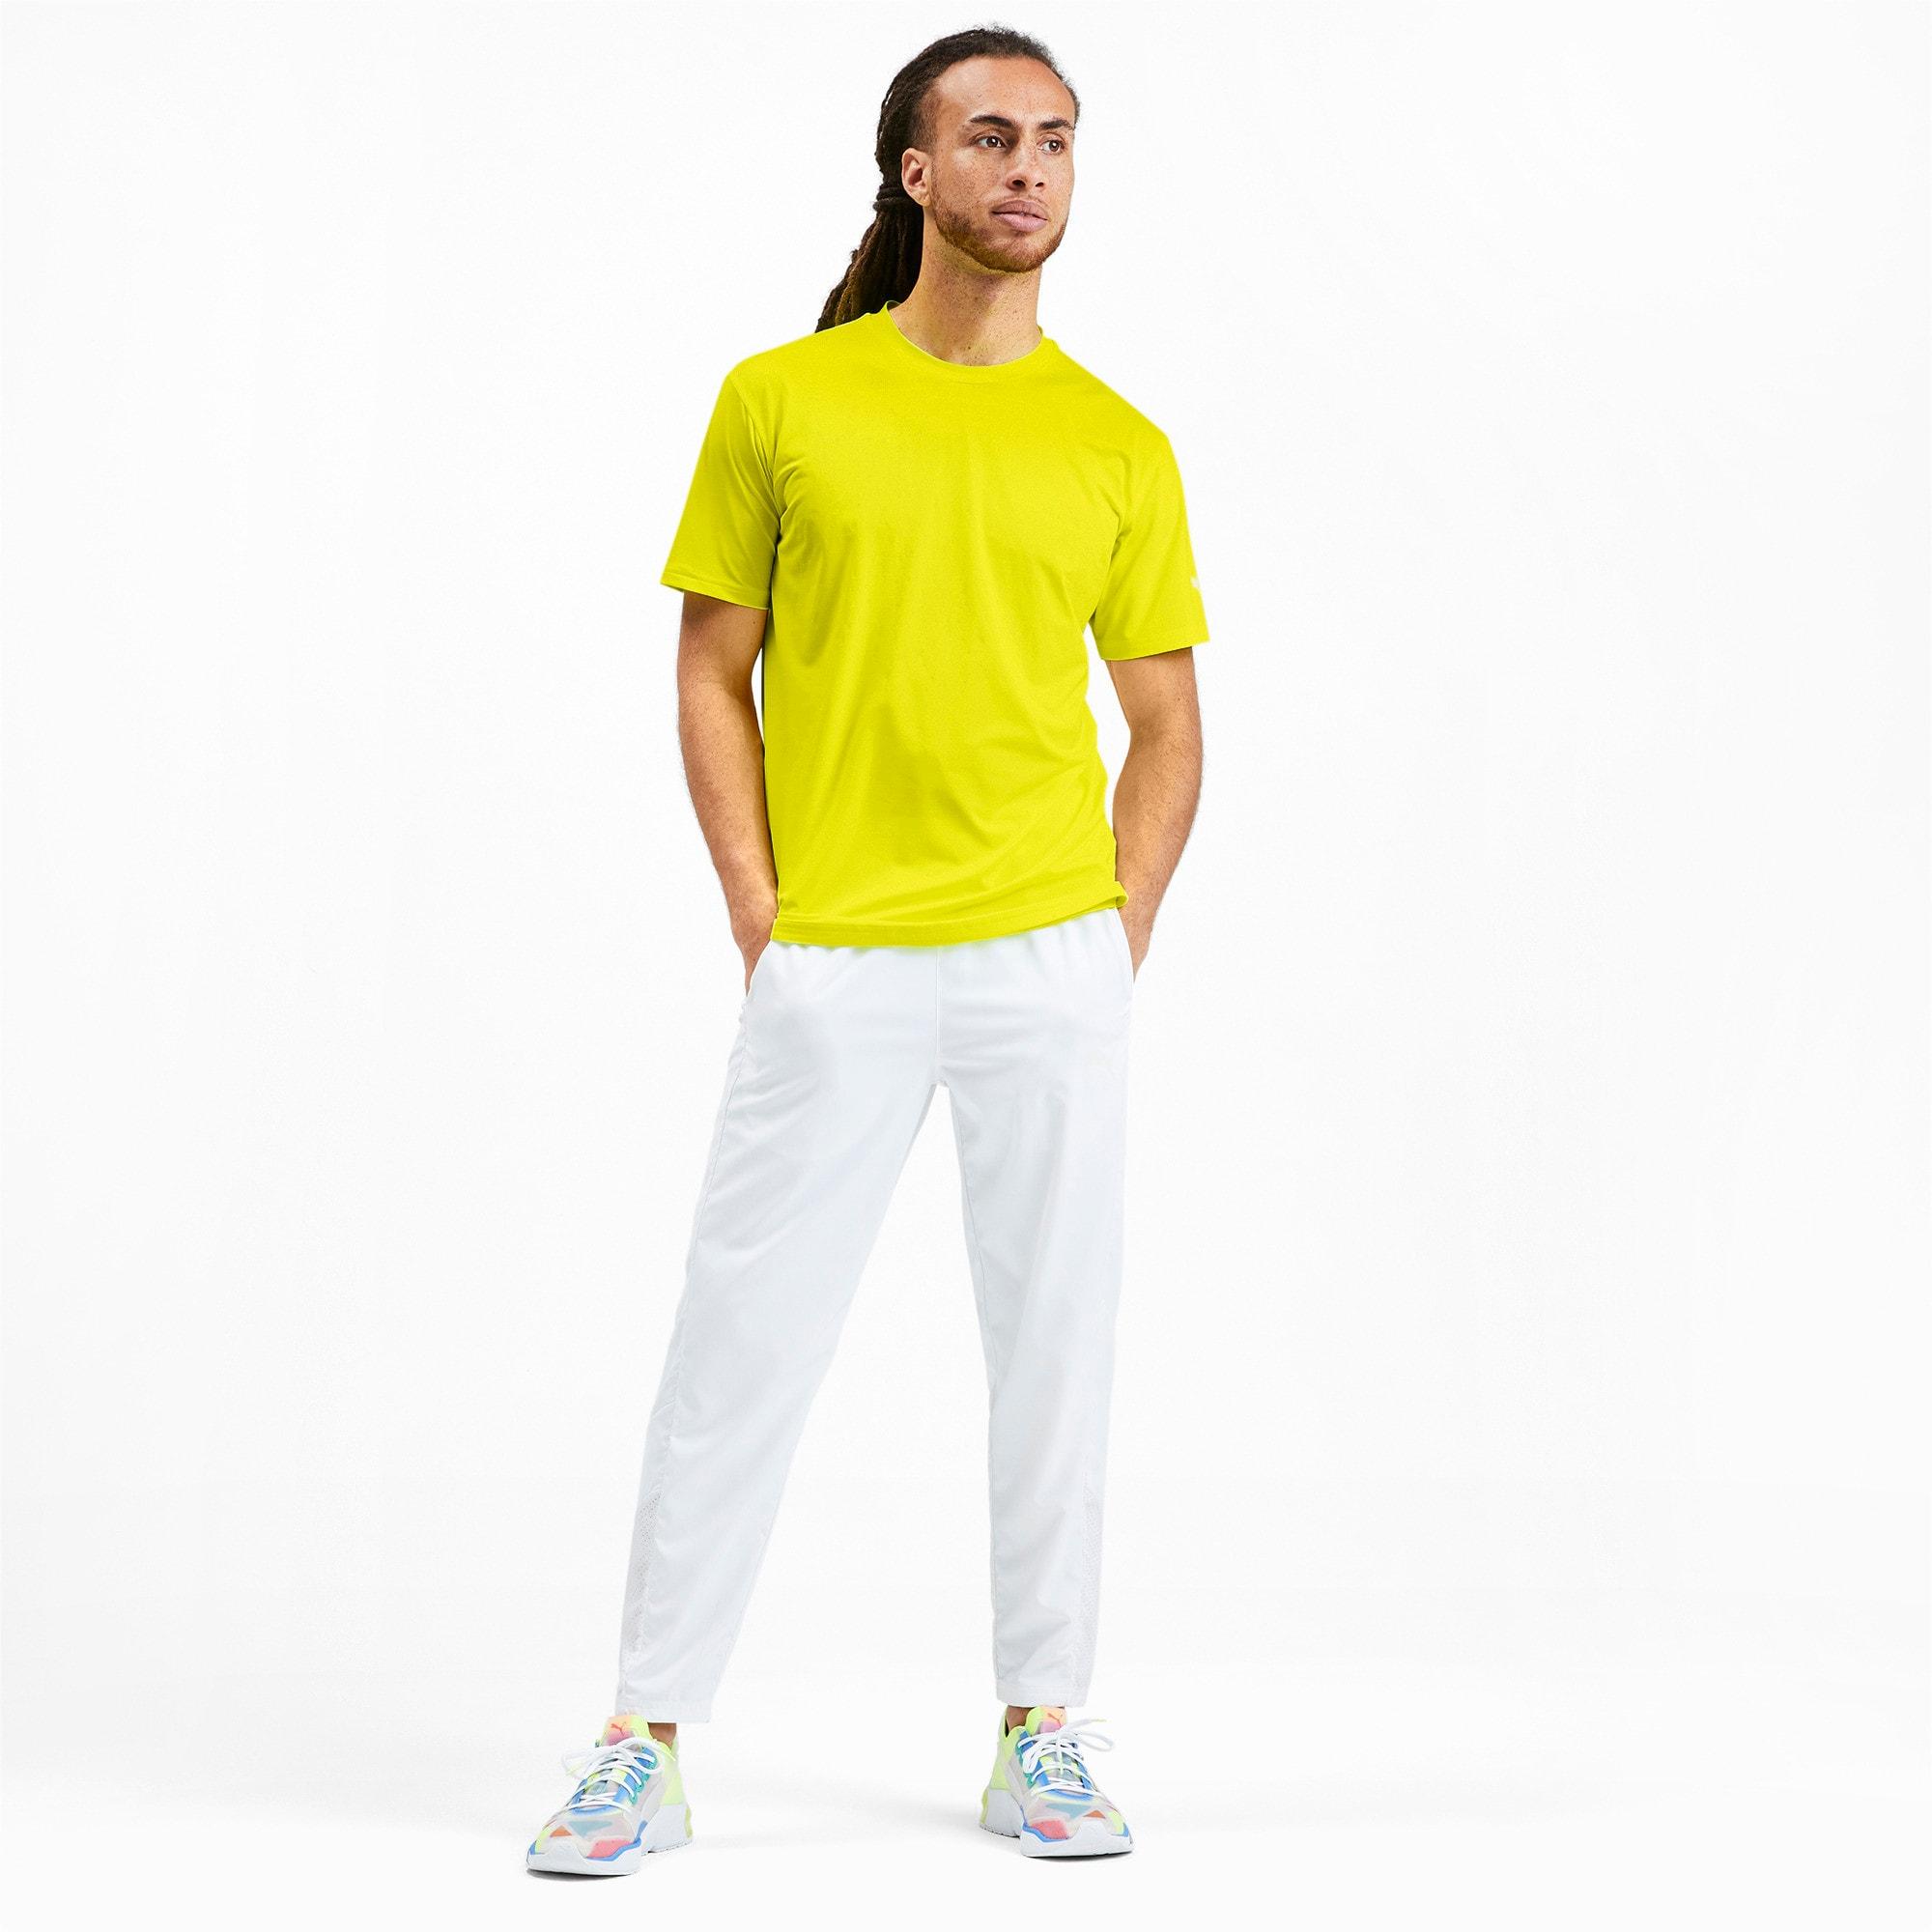 Miniatura 3 de Camiseta reflectante Tech para hombre, Yellow Alert, mediano